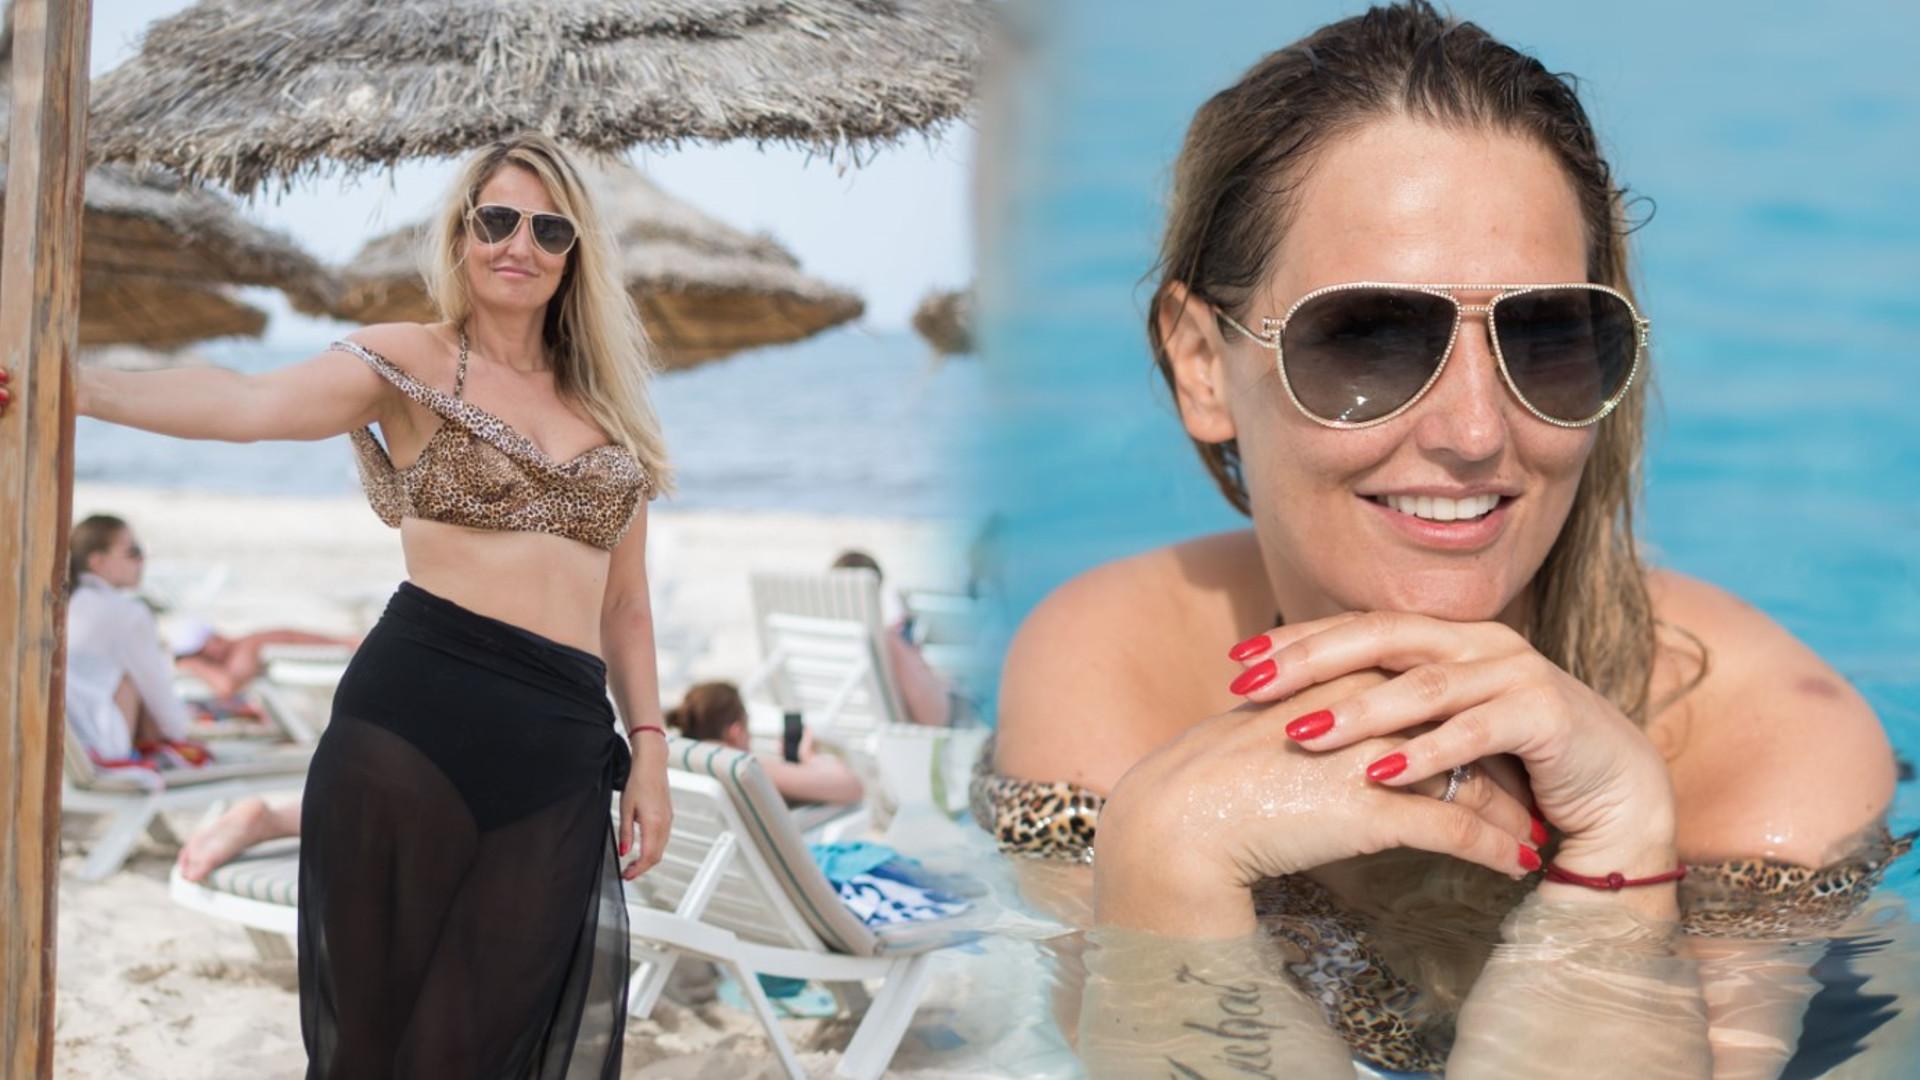 Dominika Tajner na plaży w Tunezji – nasz informator zdradził, czy chce WRÓCIĆ do Michała (ZDJĘCIA)